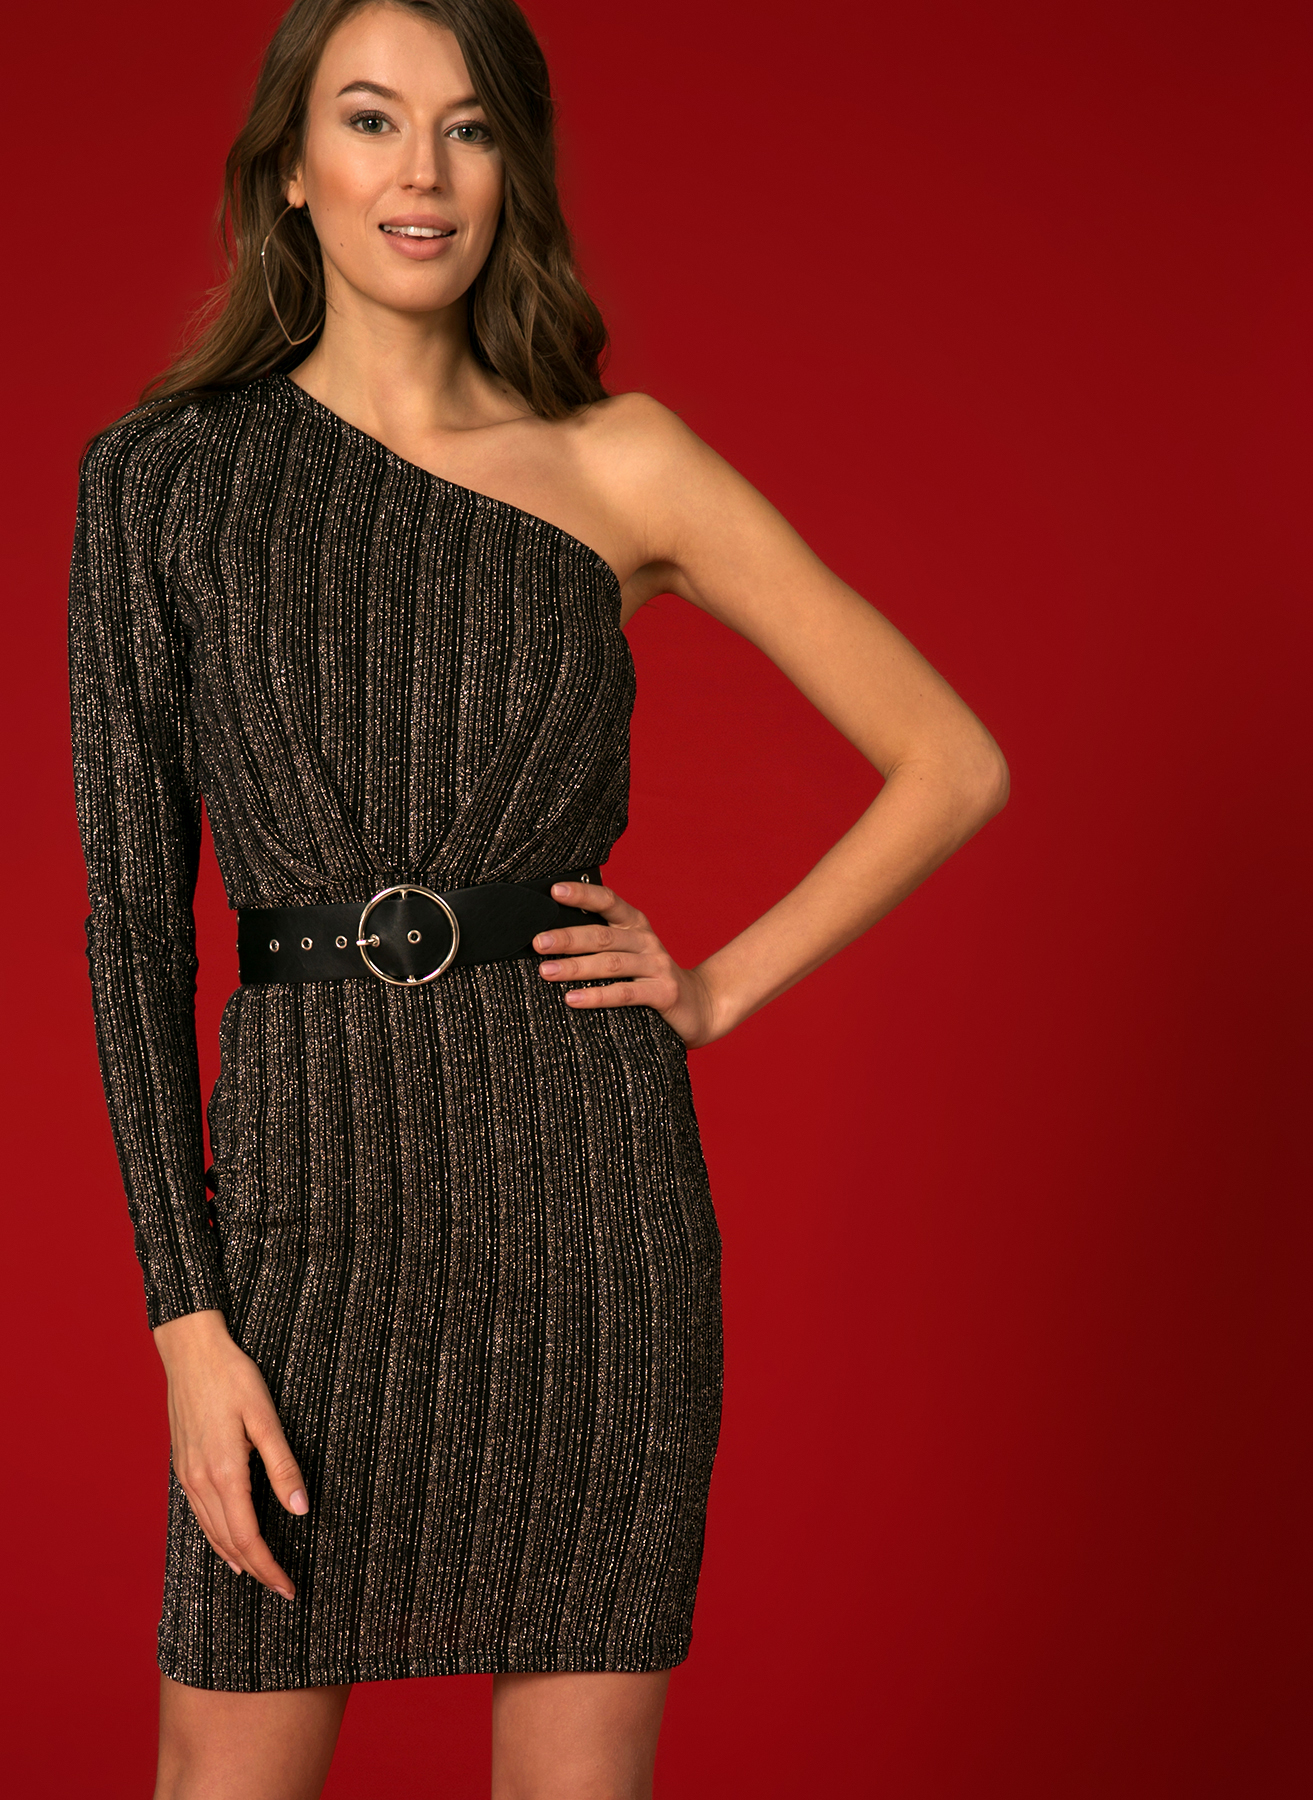 Vero Moda Tek Omuz Simli Siyah Elbise M 5002336329001 Ürün Resmi